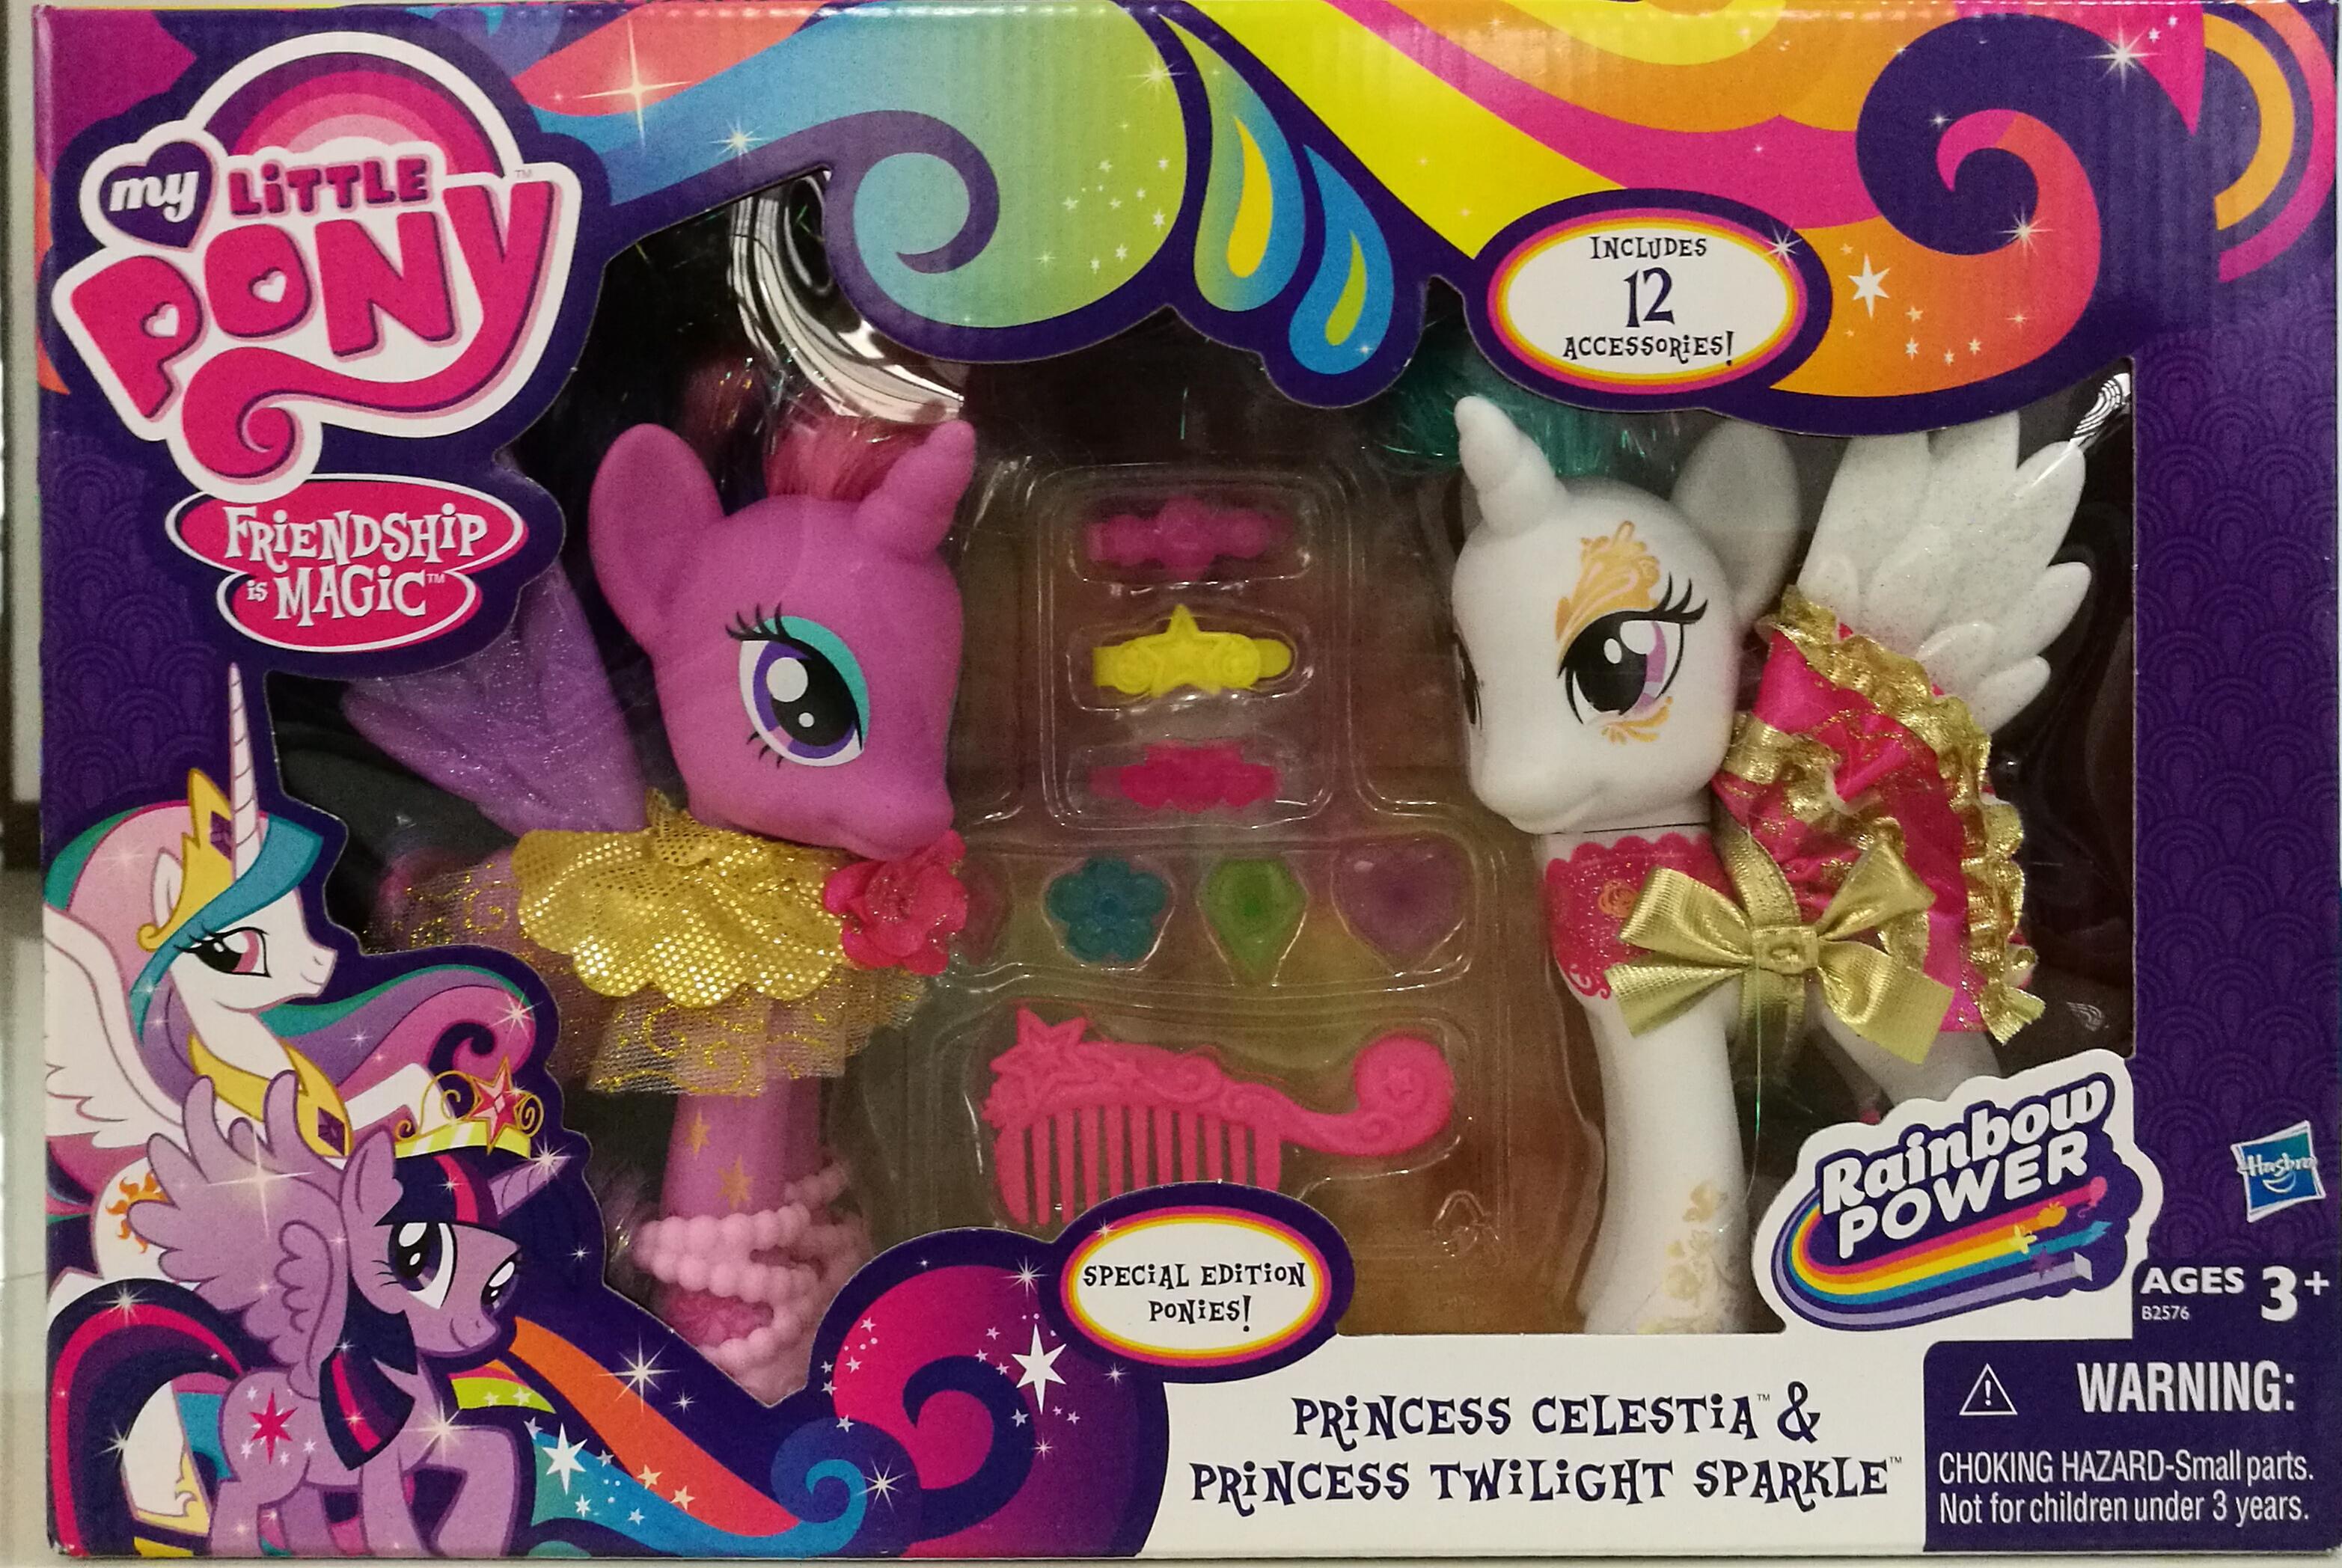 พร้อมส่งของเล่นเด็กตุ๊กตา My little pony princess celestia& princess twilight sparkle ของแท้ ส่งฟรี